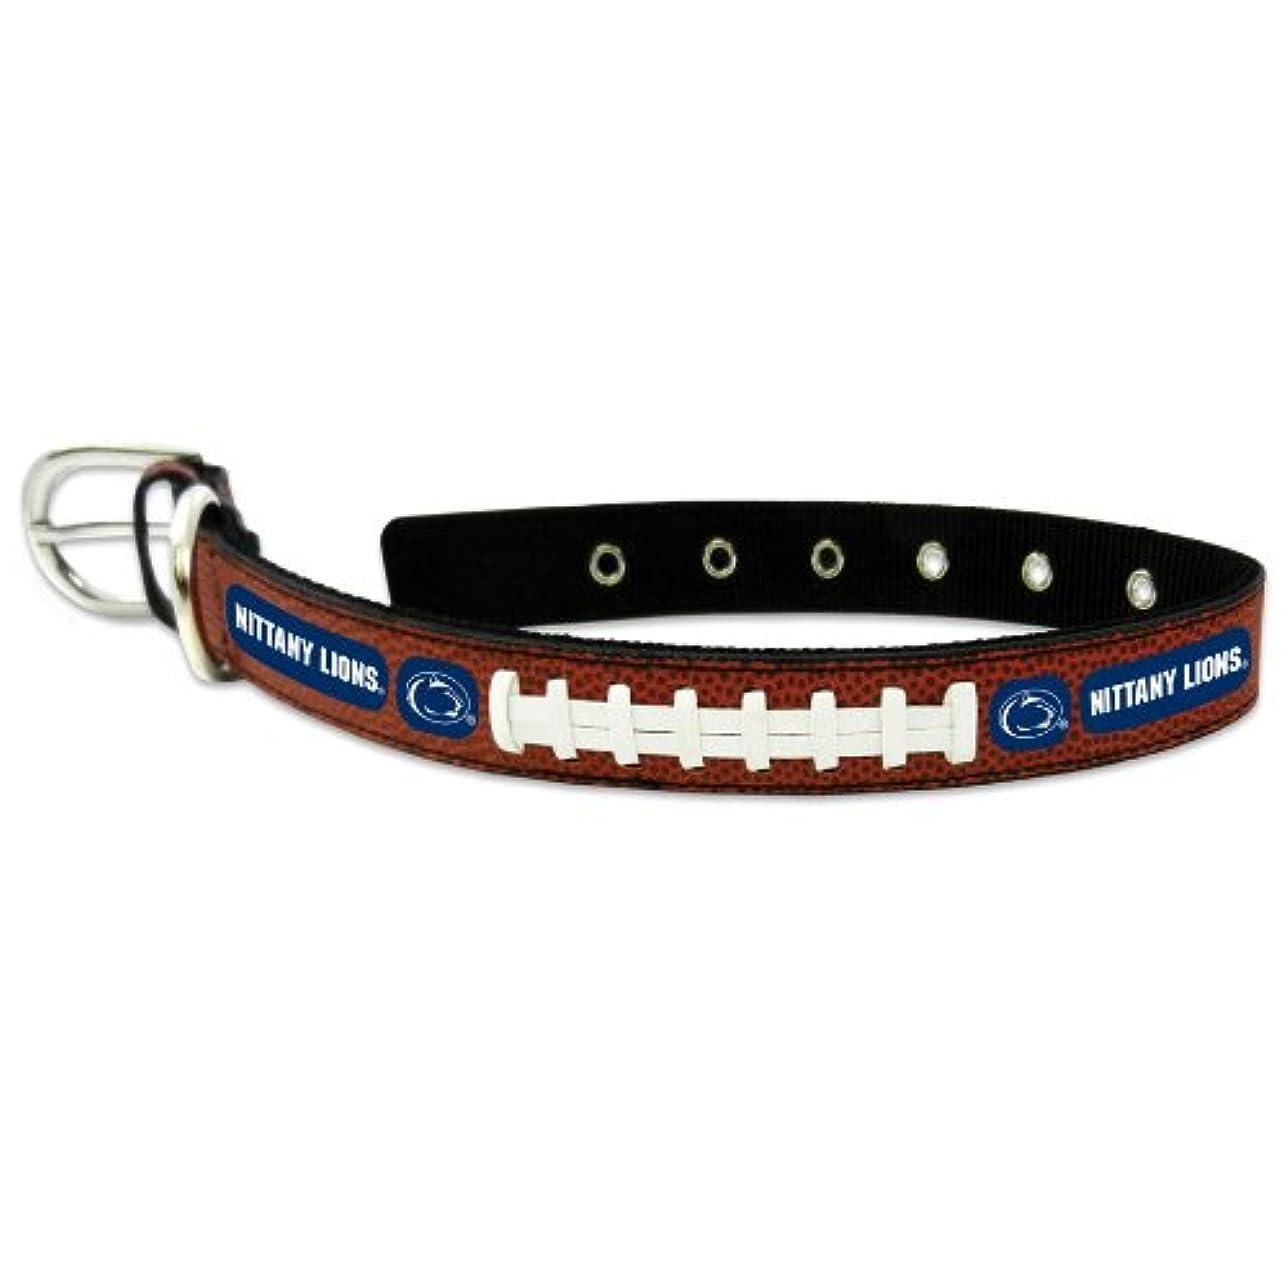 ハブブエレメンタル抑圧Penn State Nittany Lions Classic Leather Large Football Collar